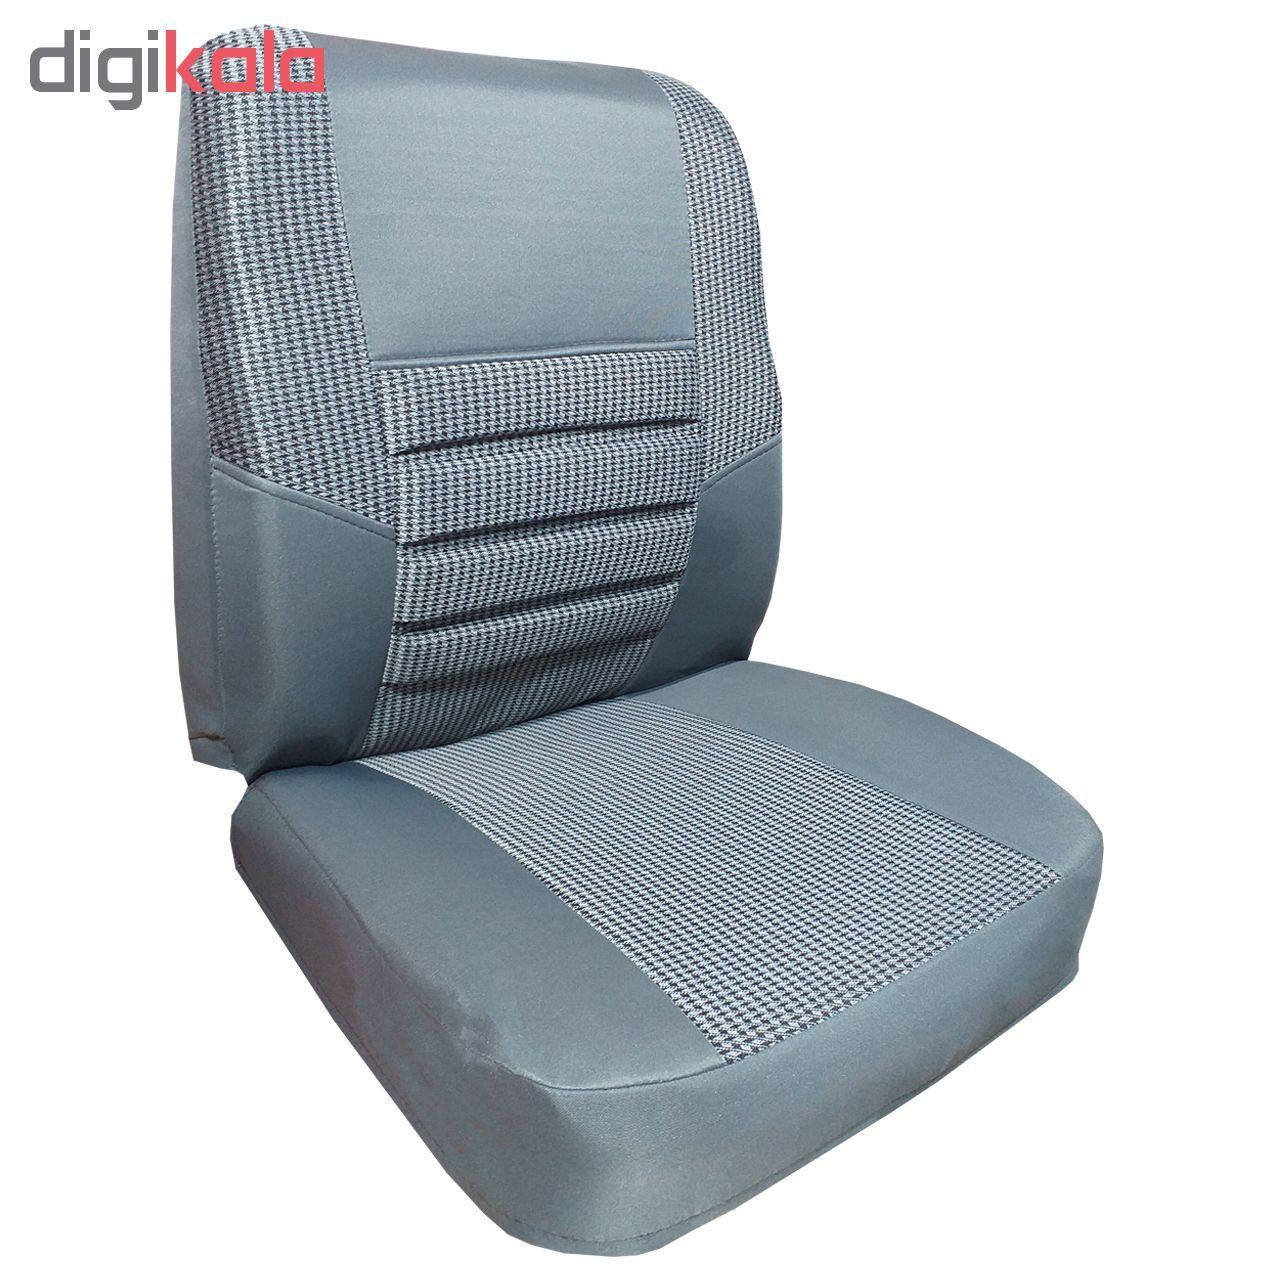 روکش صندلی خودرو مدل 2002 مناسب برای پراید صبا main 1 2